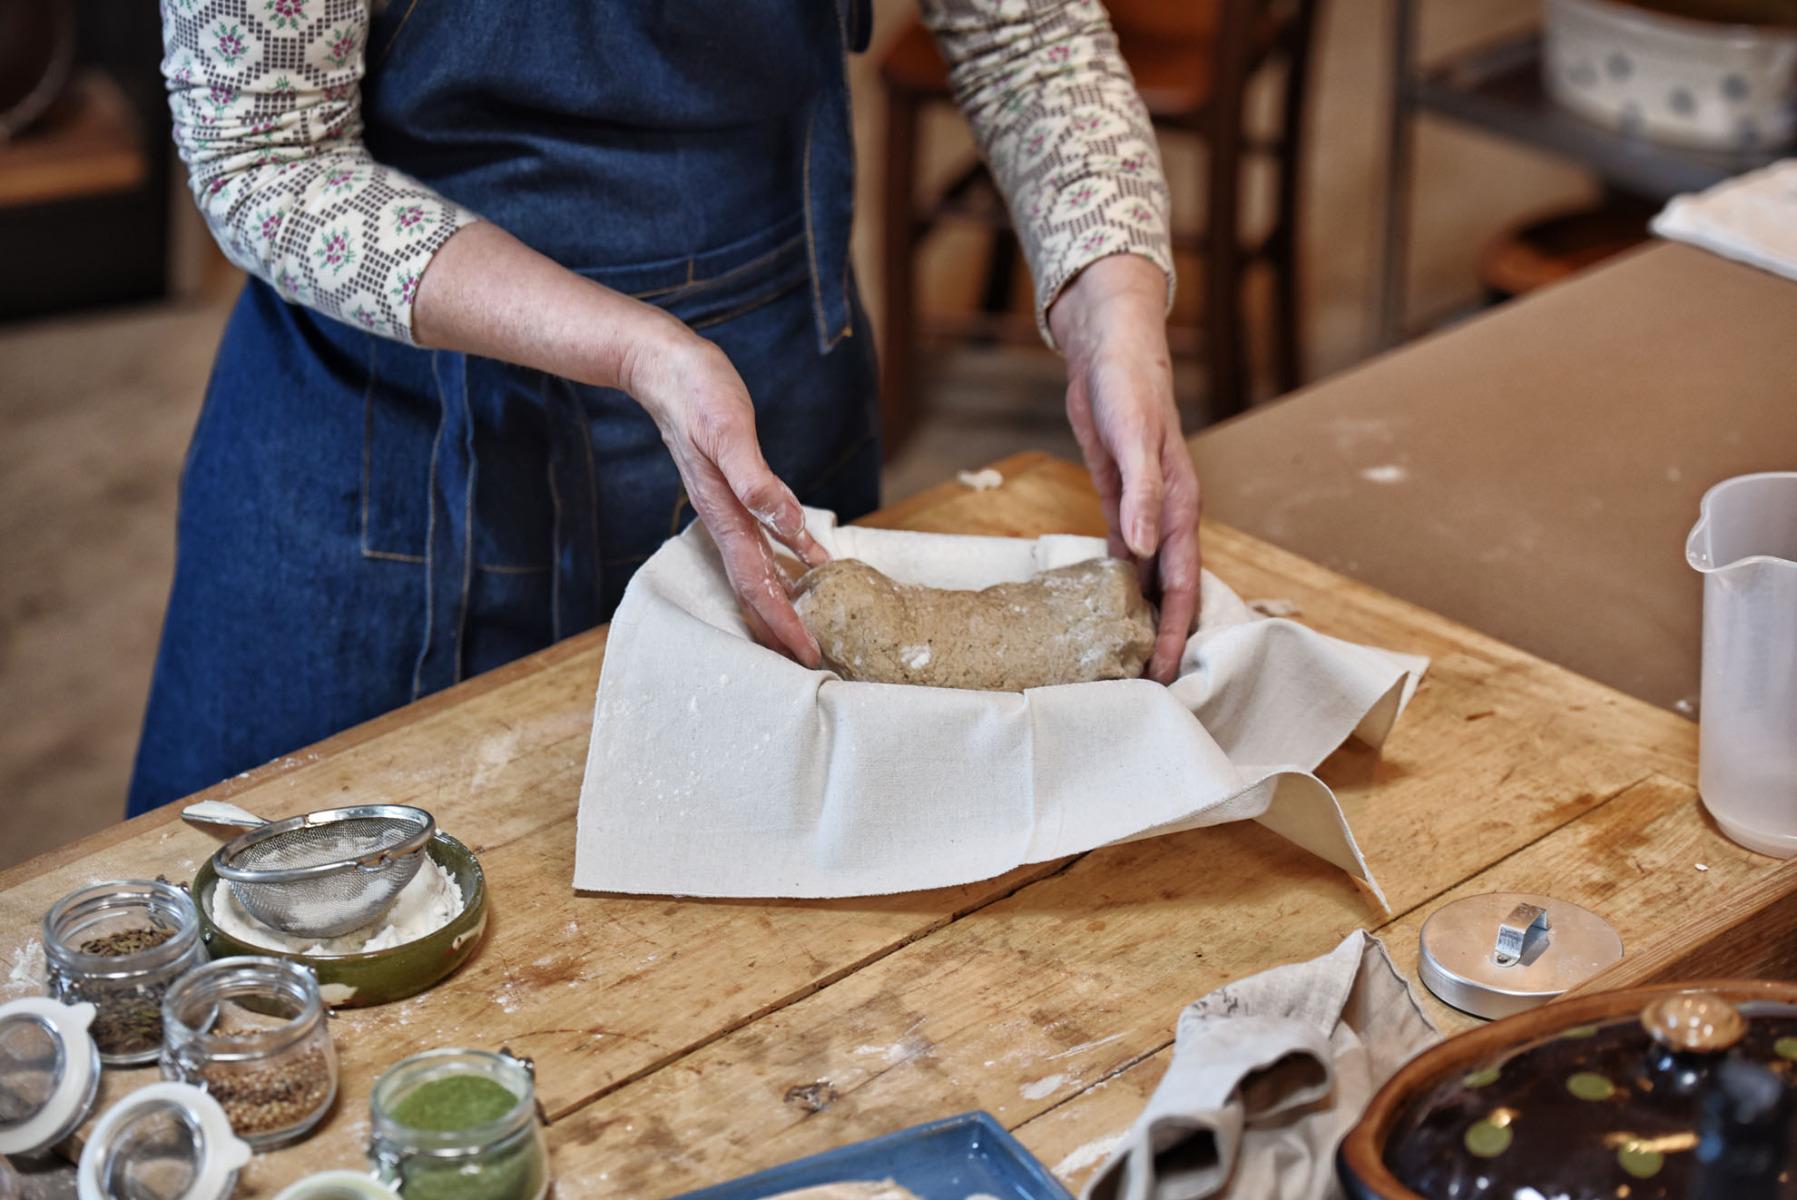 Brotteig-Vorbereitung - Teig zum Ruhen